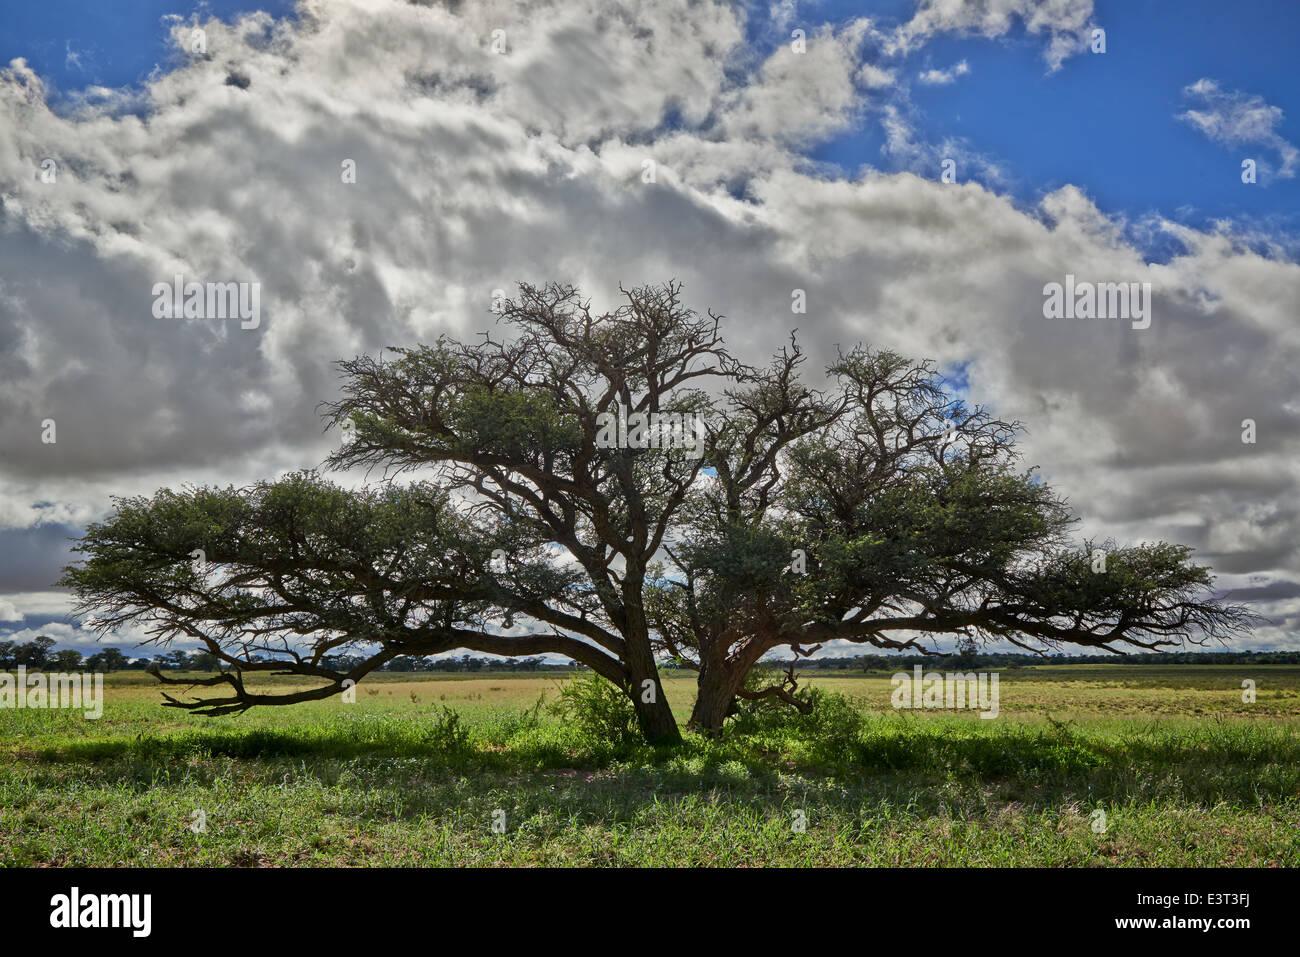 Paisaje con acacia bajo fuerte nubes en el Parque Transfronterizo Kgalagadi, Kalahari, Sudáfrica, Botswana, África Foto de stock